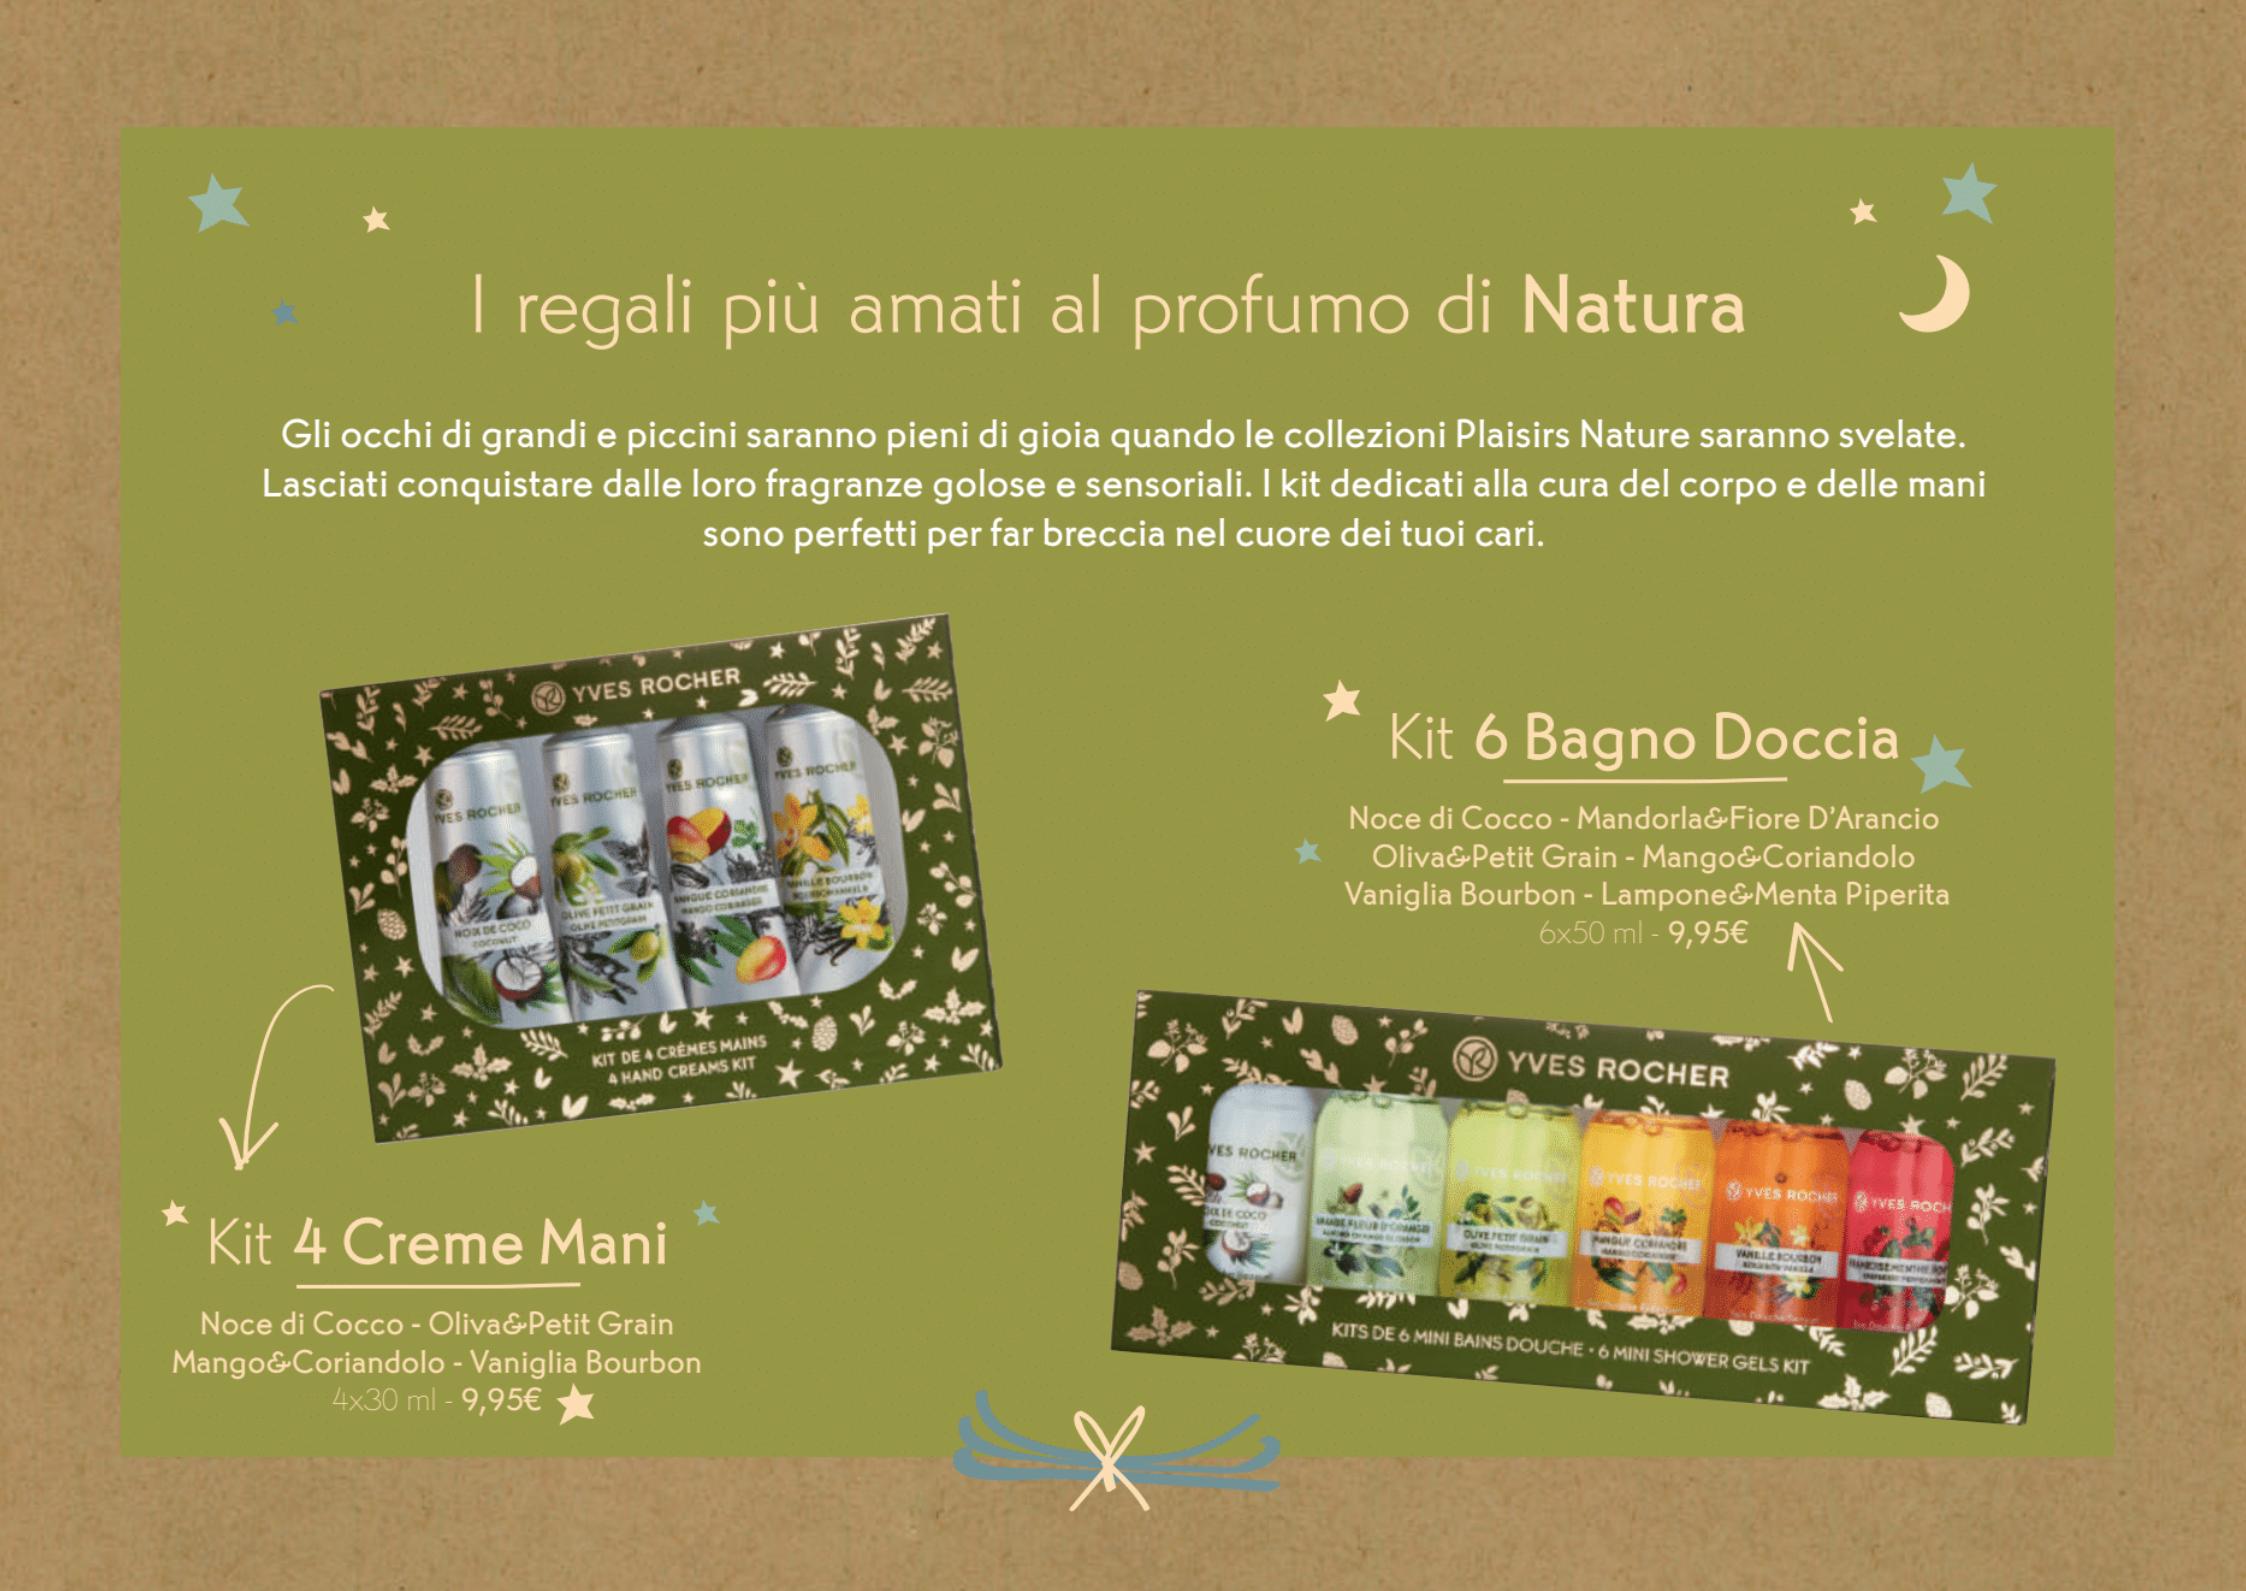 Il Natale Yves Rocher - Idee regalo, cofanetti, info, review, recensione, prezzo, cestini - Kit Plaisirs Nature